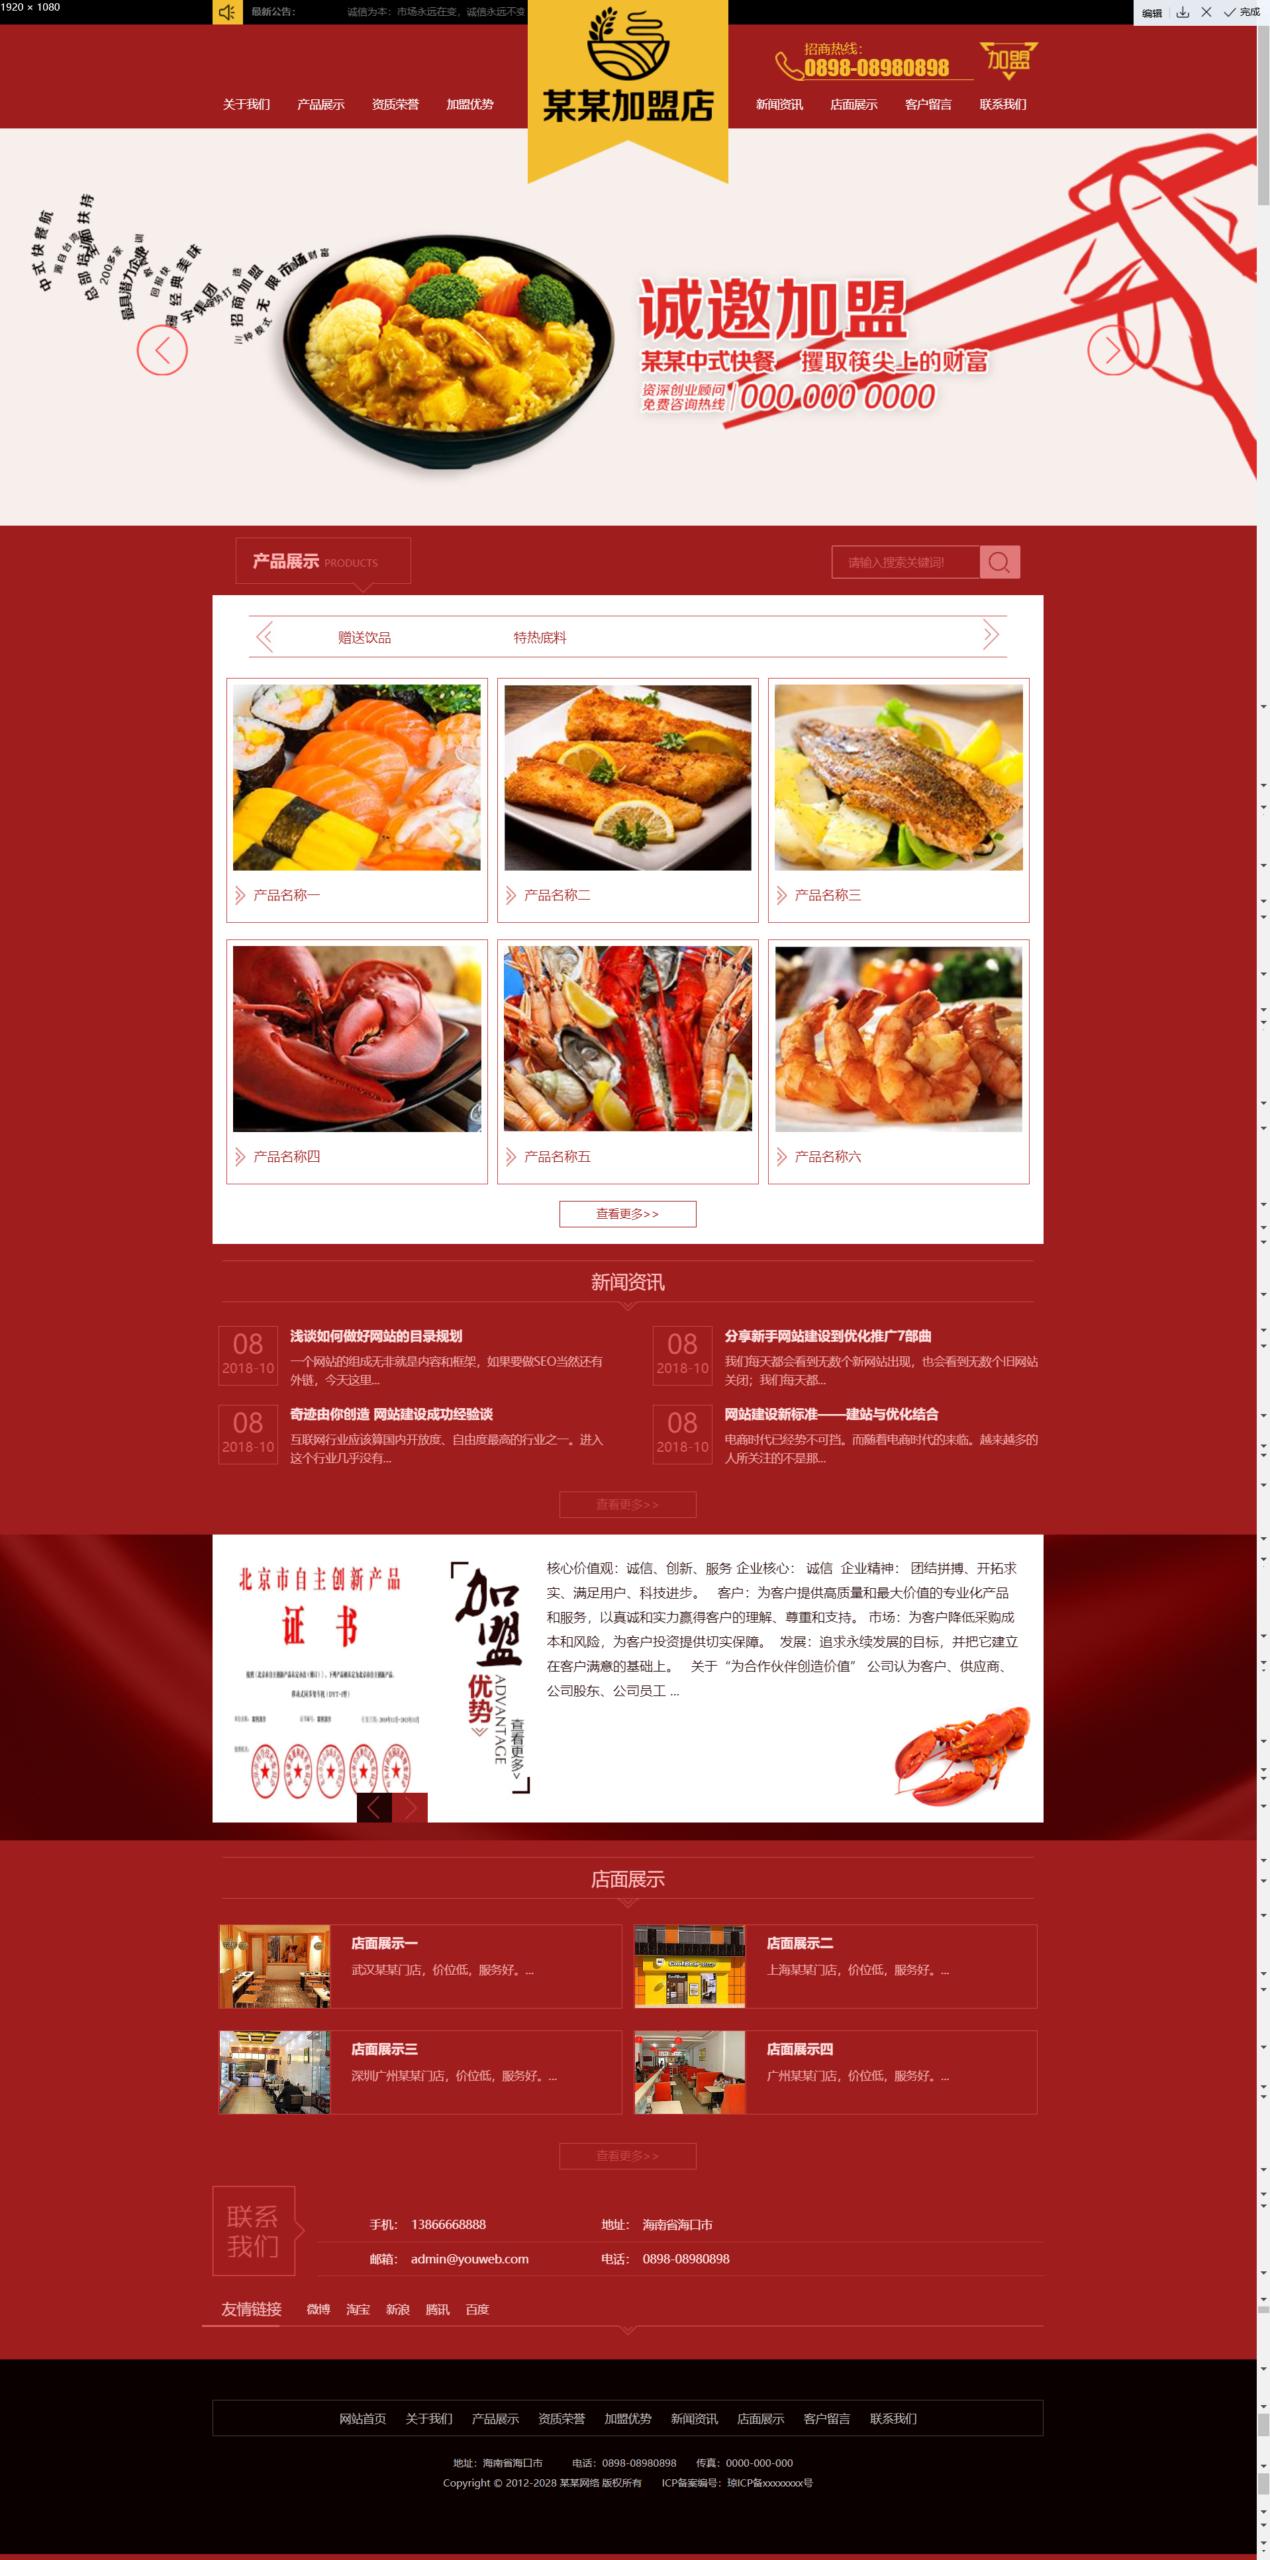 特色餐饮小吃美食店面门店连锁加盟公司企业模板官网企业网站源码下载自适应手机端带强大的后台管理系统